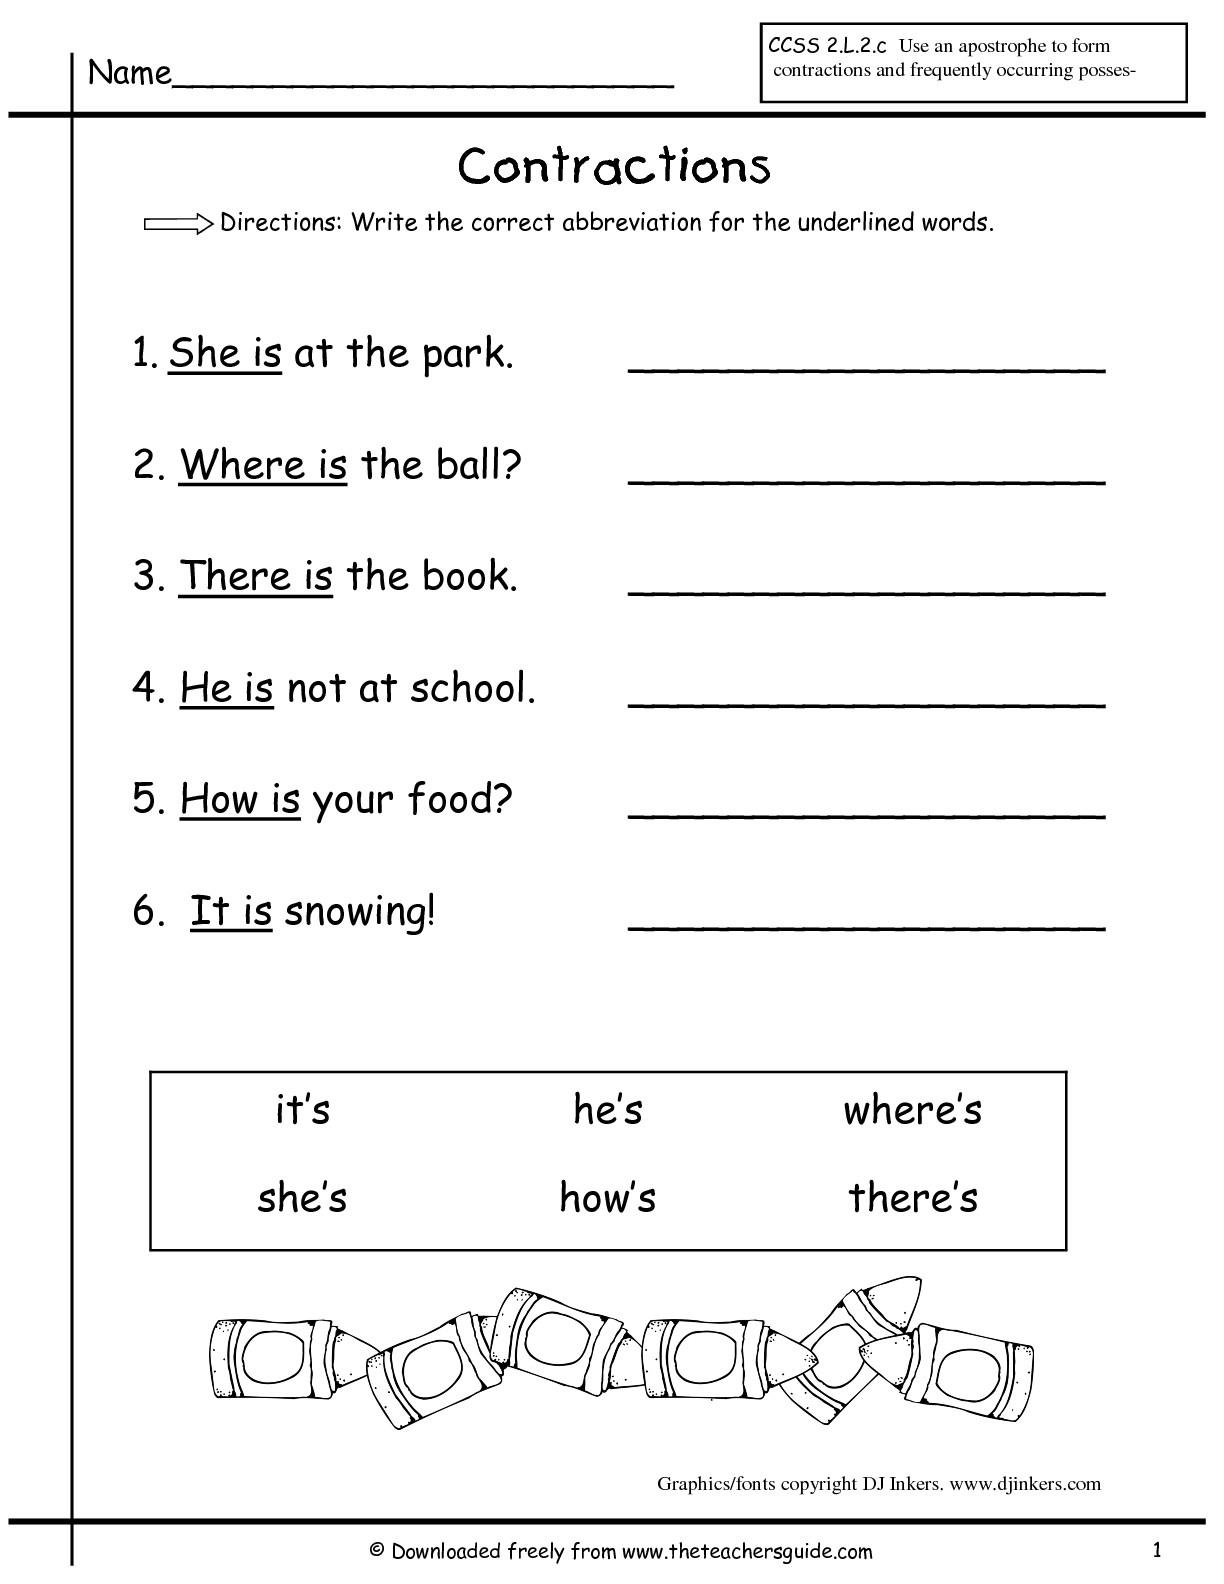 Worksheet : Free Printable Social Studies Worksheets For 1St Grade | Free Printable Social Studies Worksheets For 1St Grade